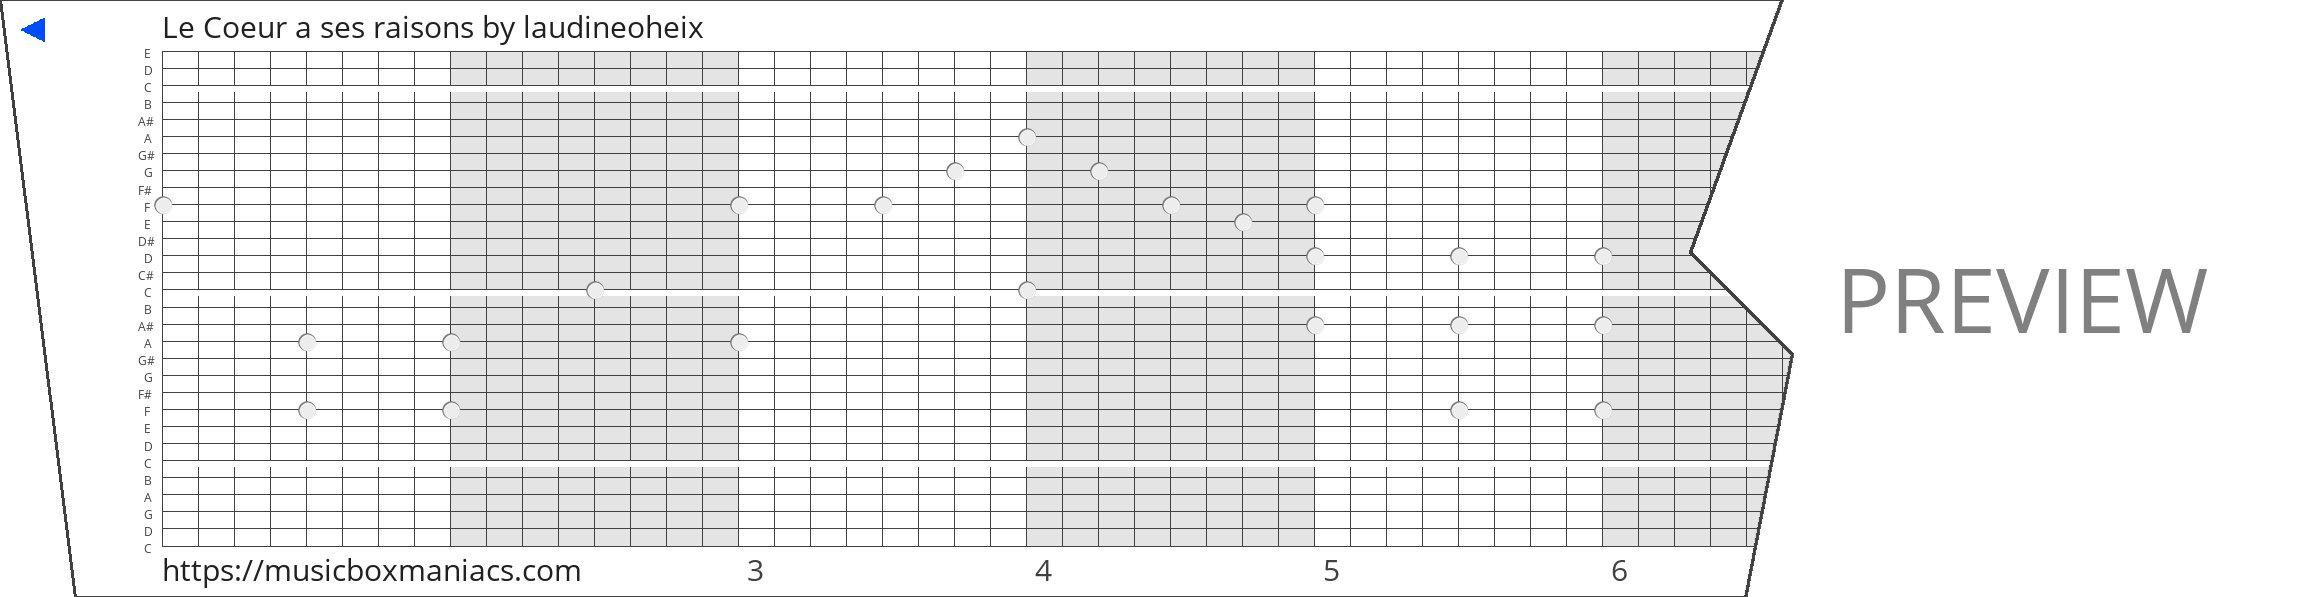 Le Coeur a ses raisons 30 note music box paper strip